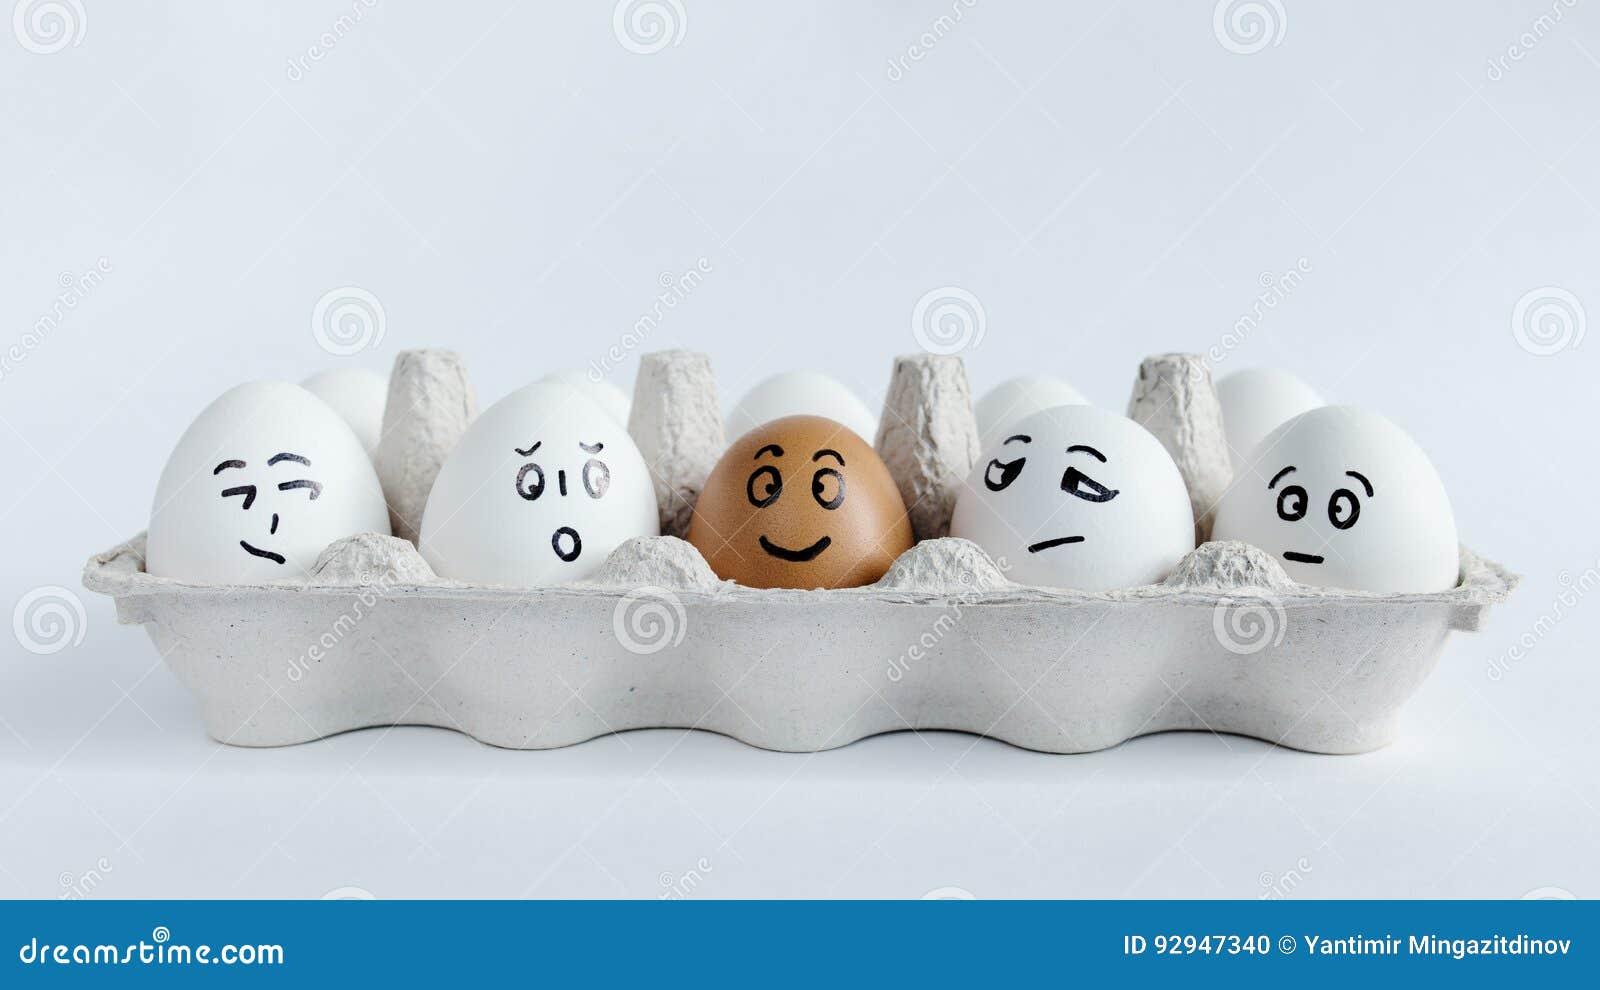 Jajka z śmiesznymi twarzami w pakunku na białym tle Wielkanocna pojęcie fotografia Twarze na jajkach